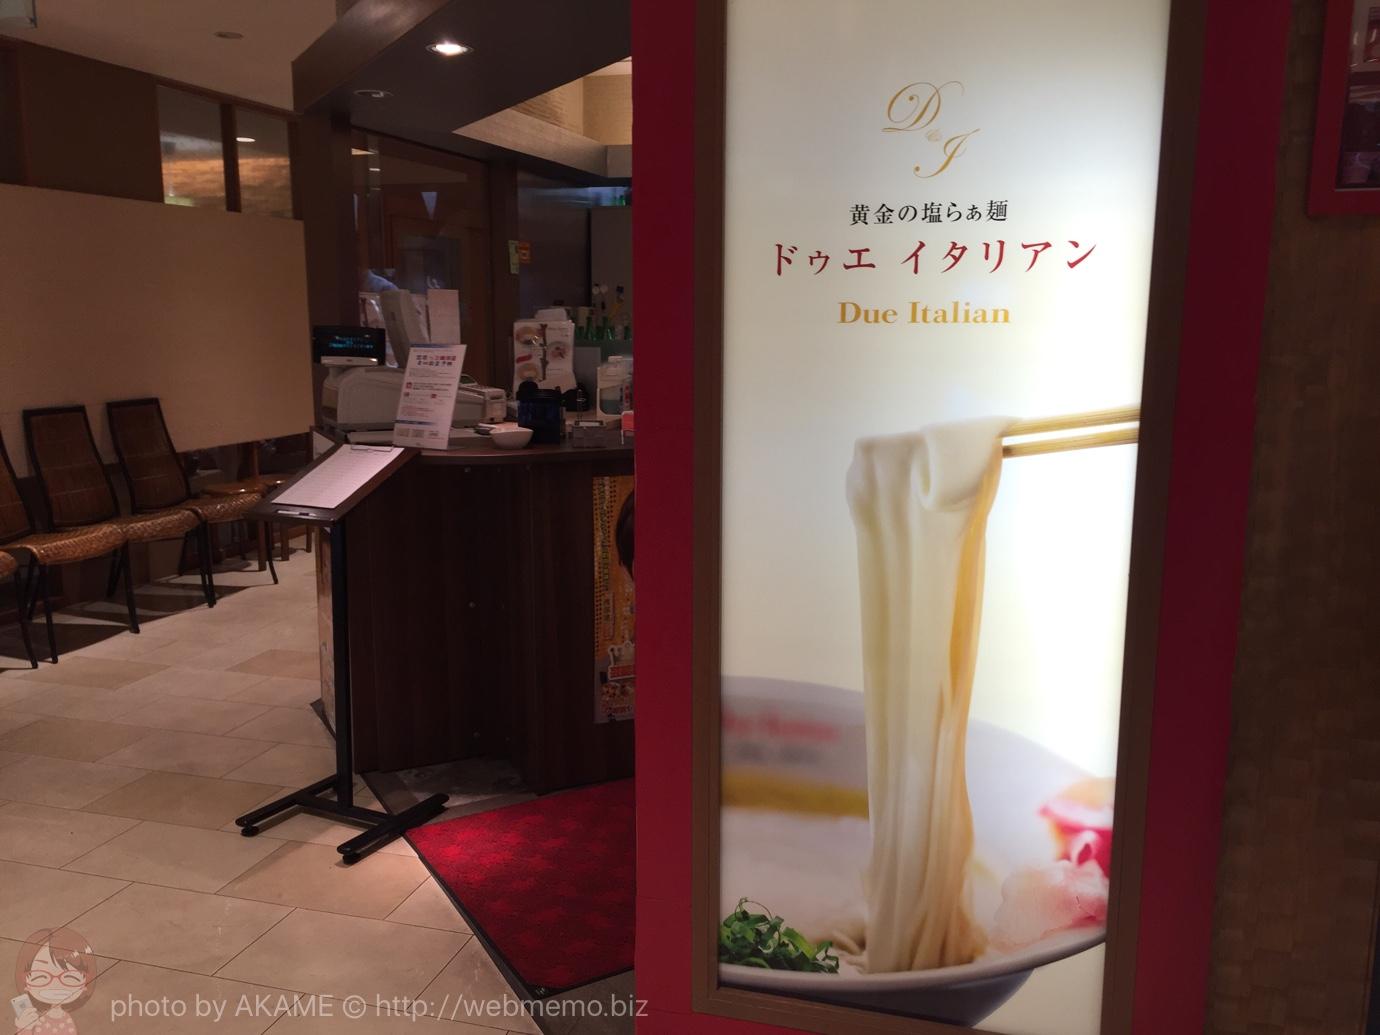 黄金の塩らぁ麺 ドゥエ イタリアン 横浜の外観